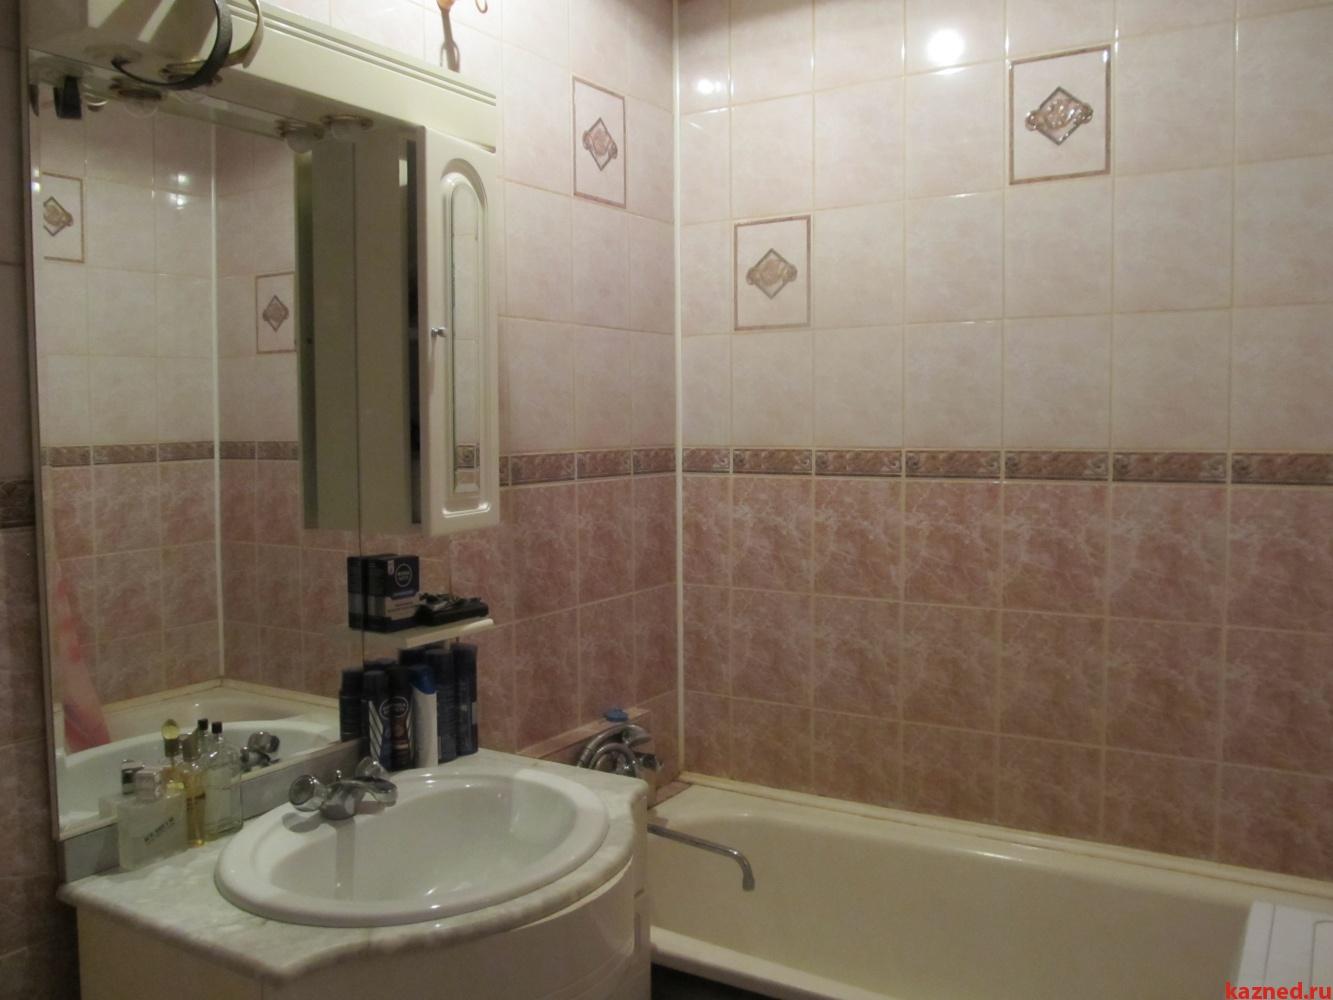 Продажа 3-к квартиры Амирхана, 5, 93 м² (миниатюра №11)